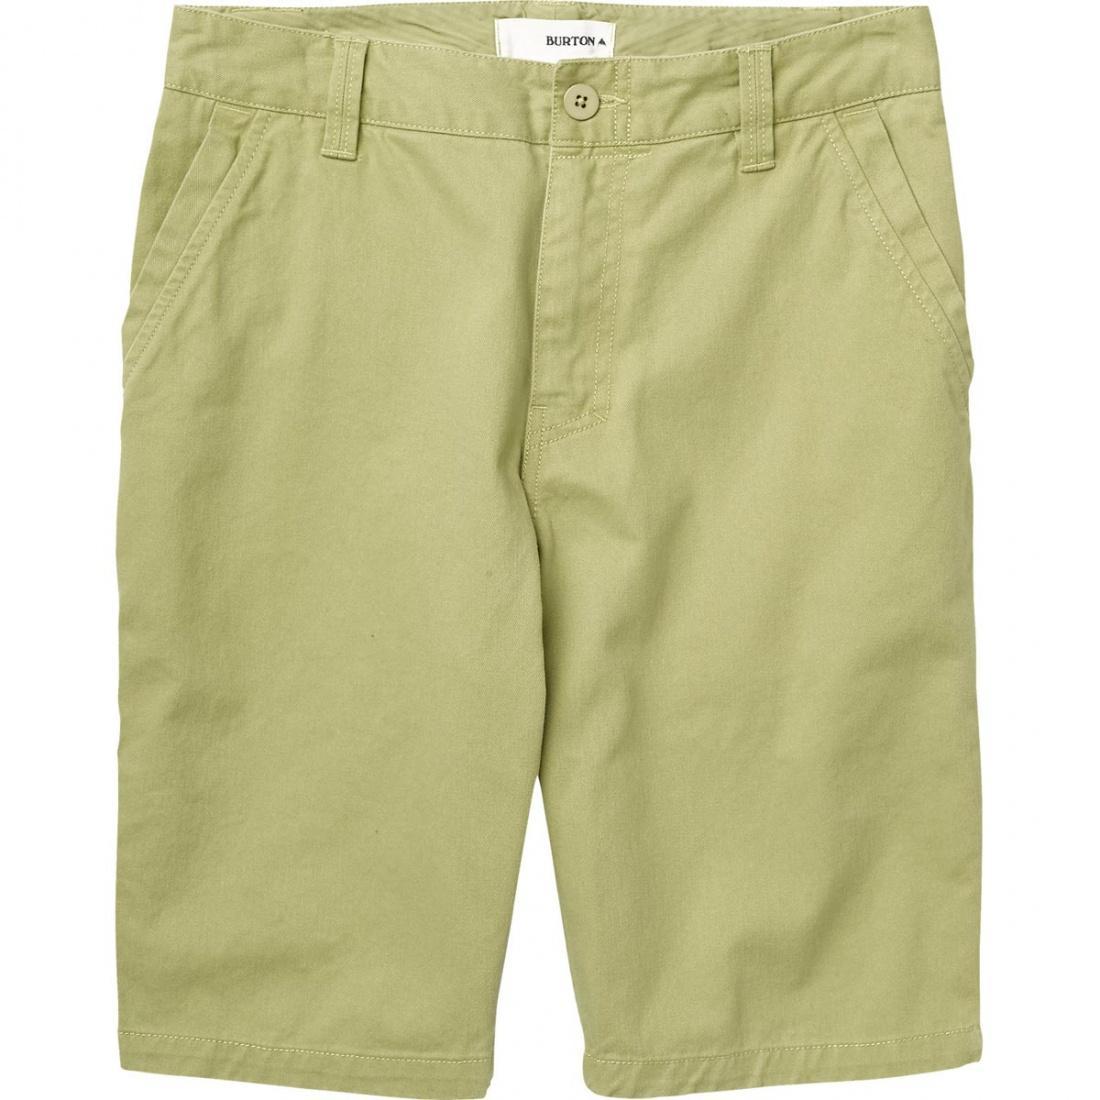 Шорты MNS CHILL SHORTШорты, бриджи<br>Эти шорты созданы специально для расслабленного времяпрепровождения на летних пикниках и музыкальных фестивалях под открытым небом.<br> &lt;b...<br><br>Цвет: Бежевый<br>Размер: 34